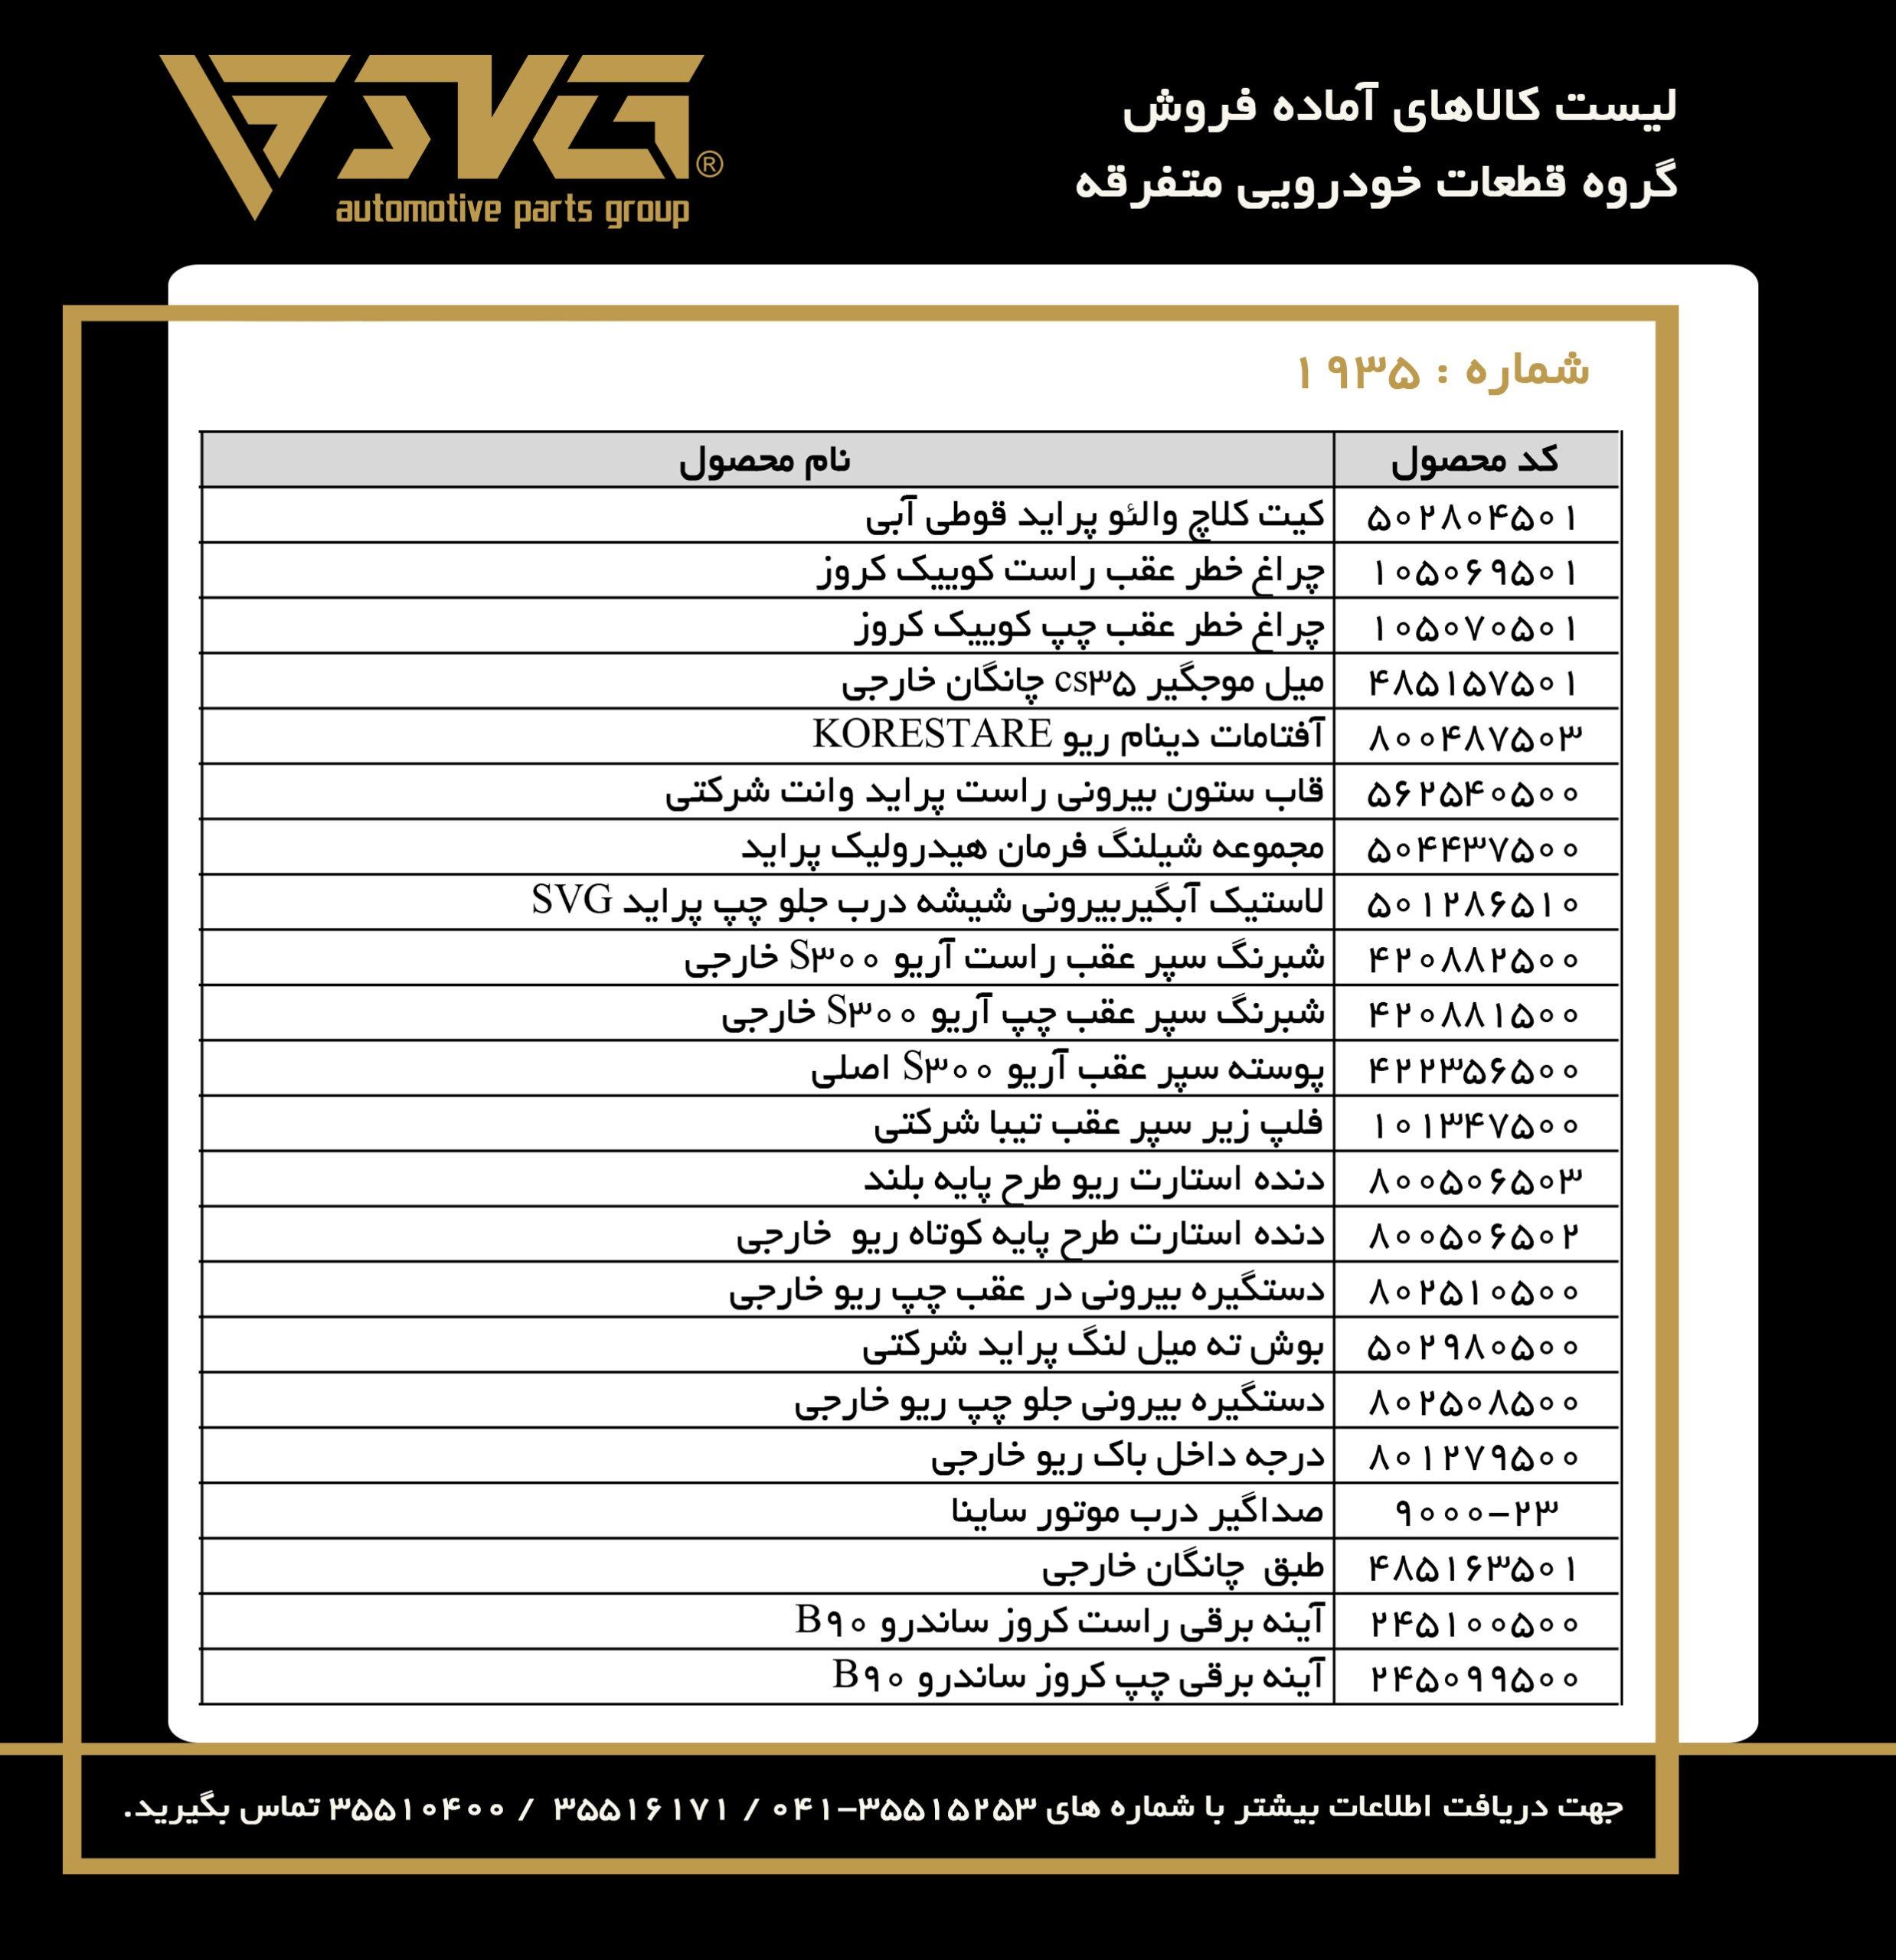 آماده فروش 25 بهمن 99